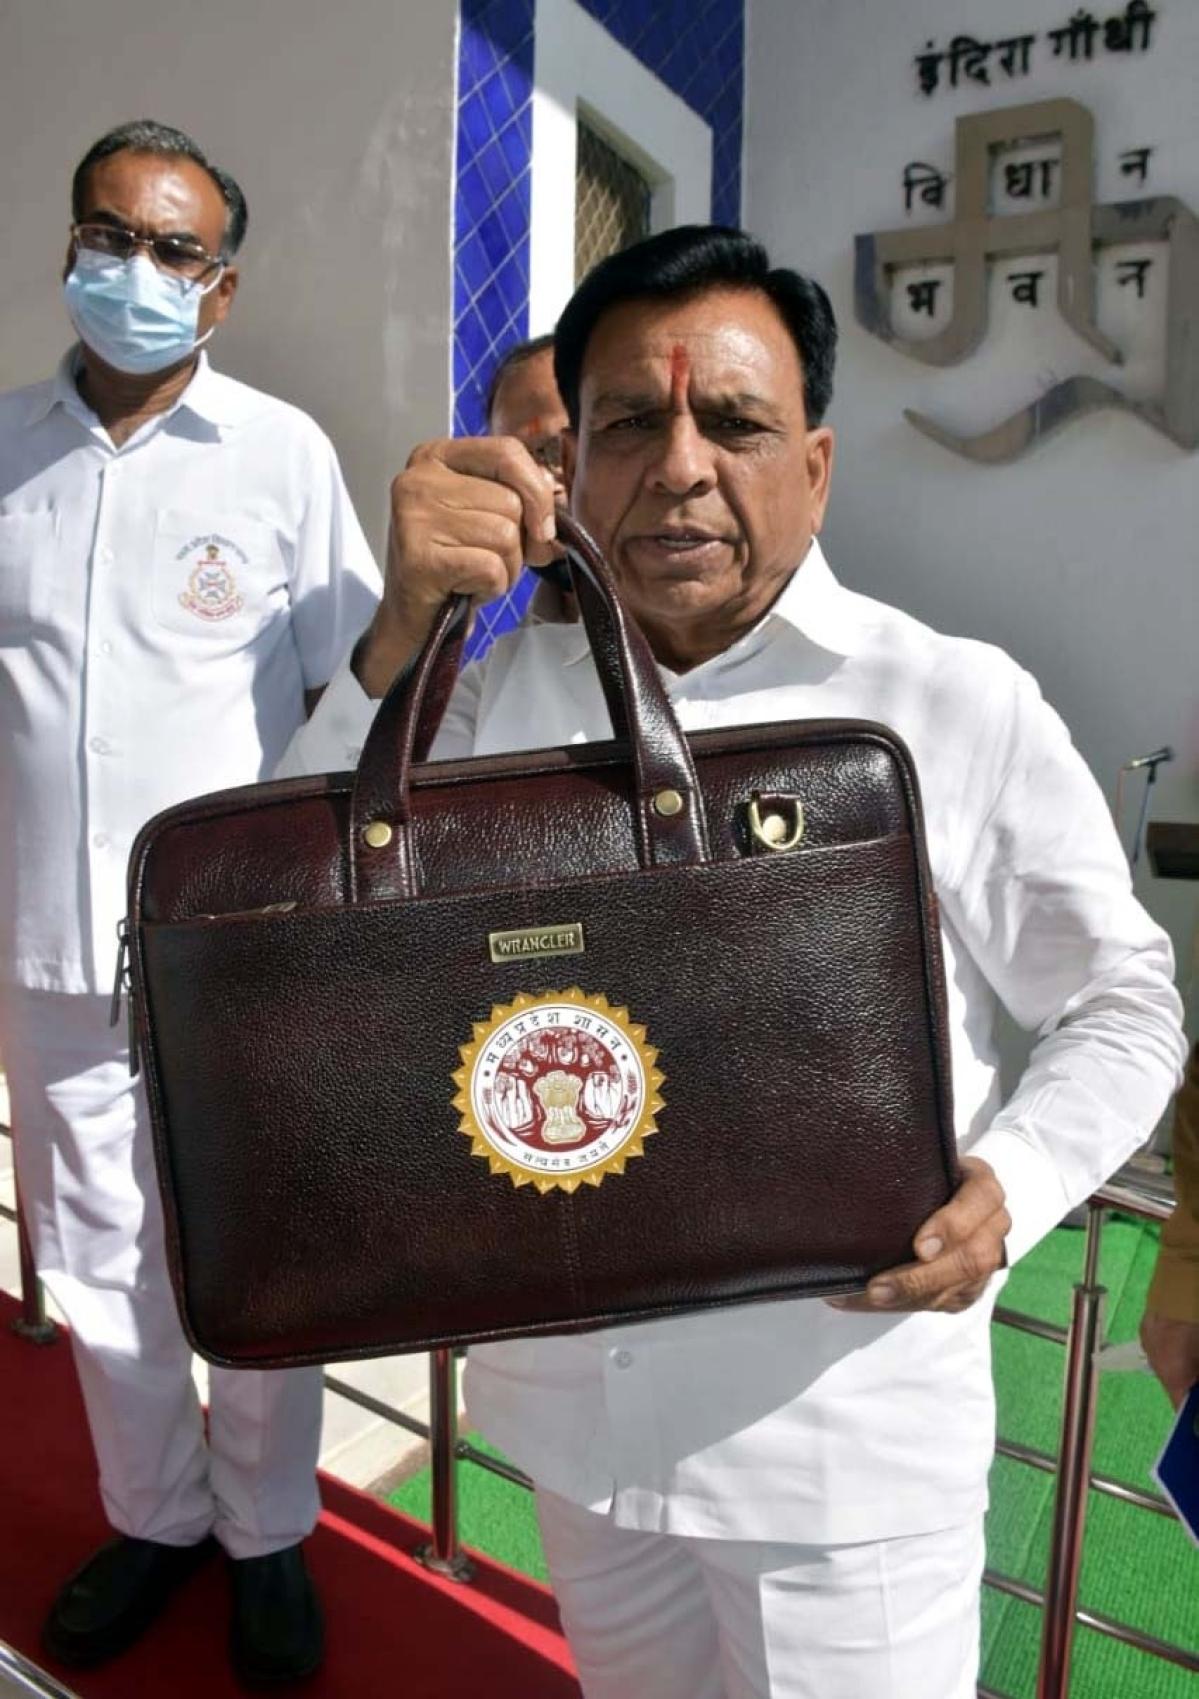 Finance minister Jagdish Devda